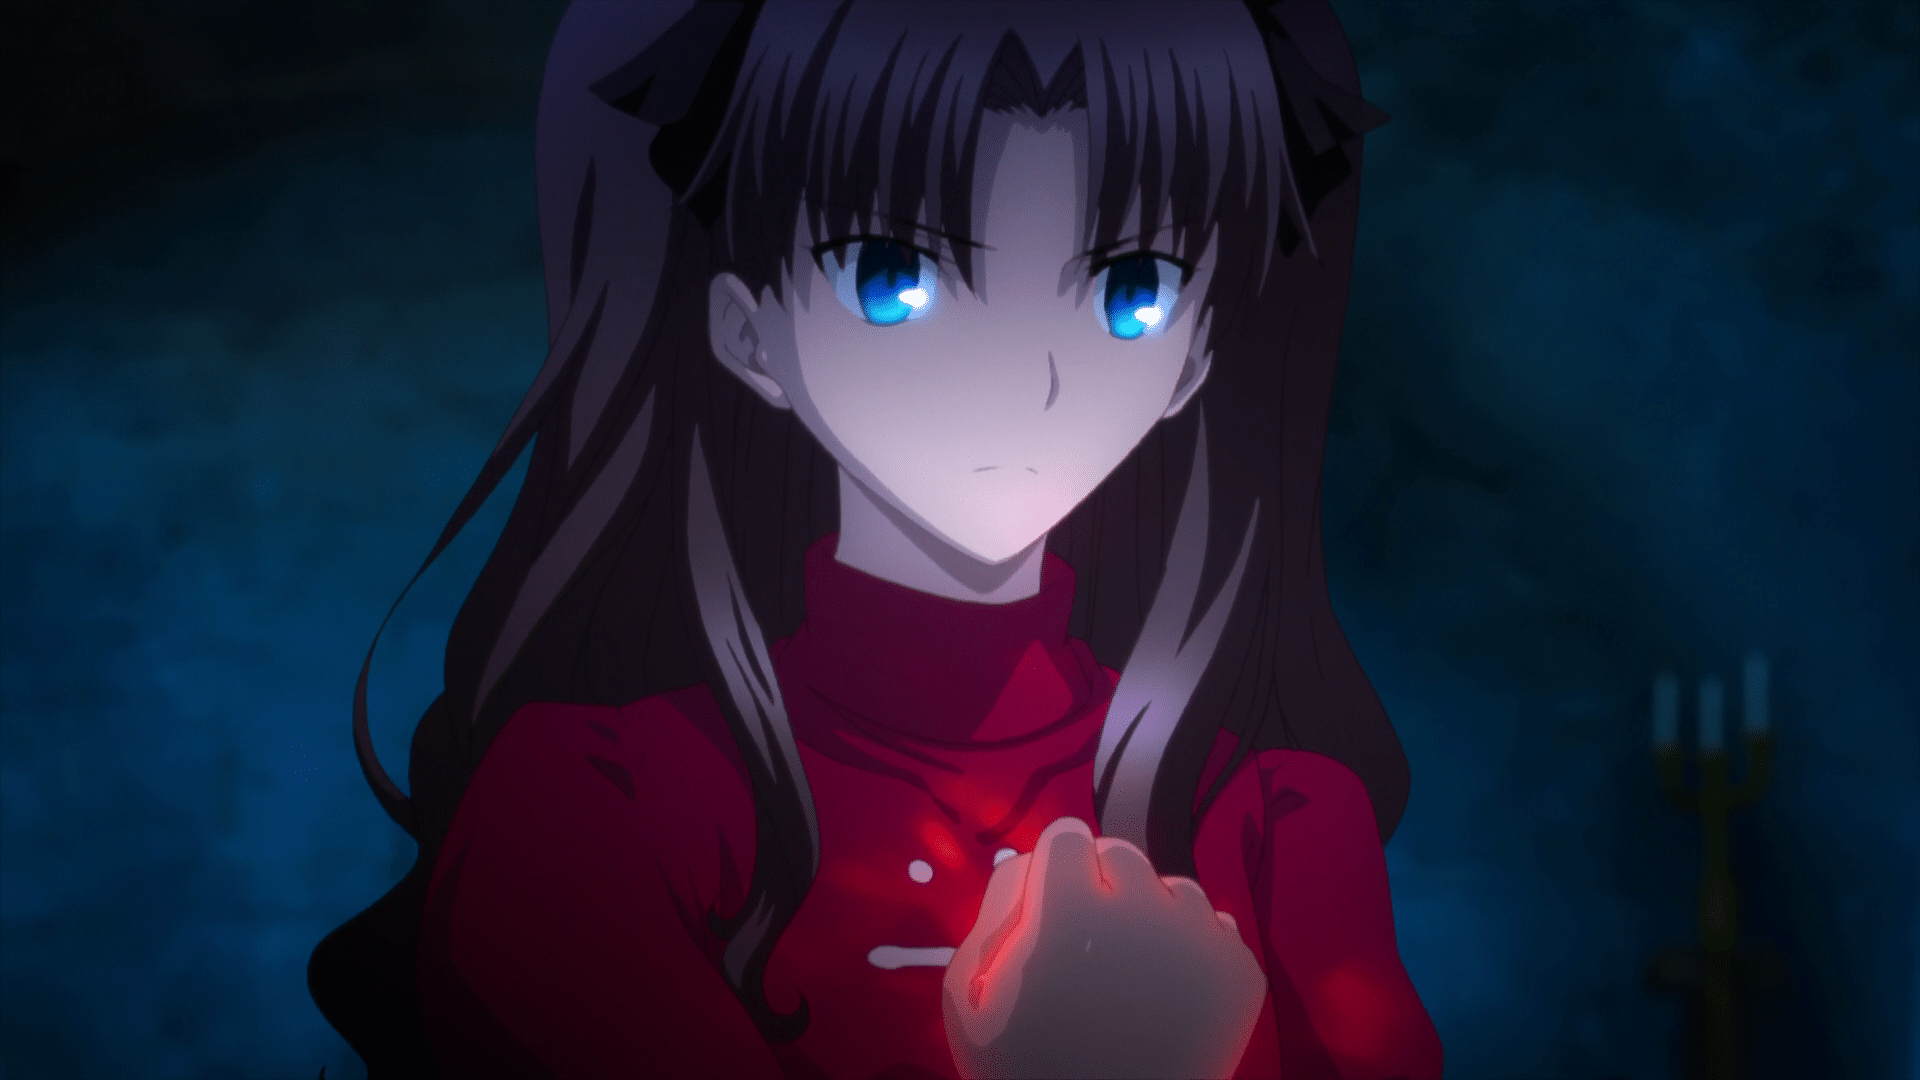 Rin Tohsaka (Fate)